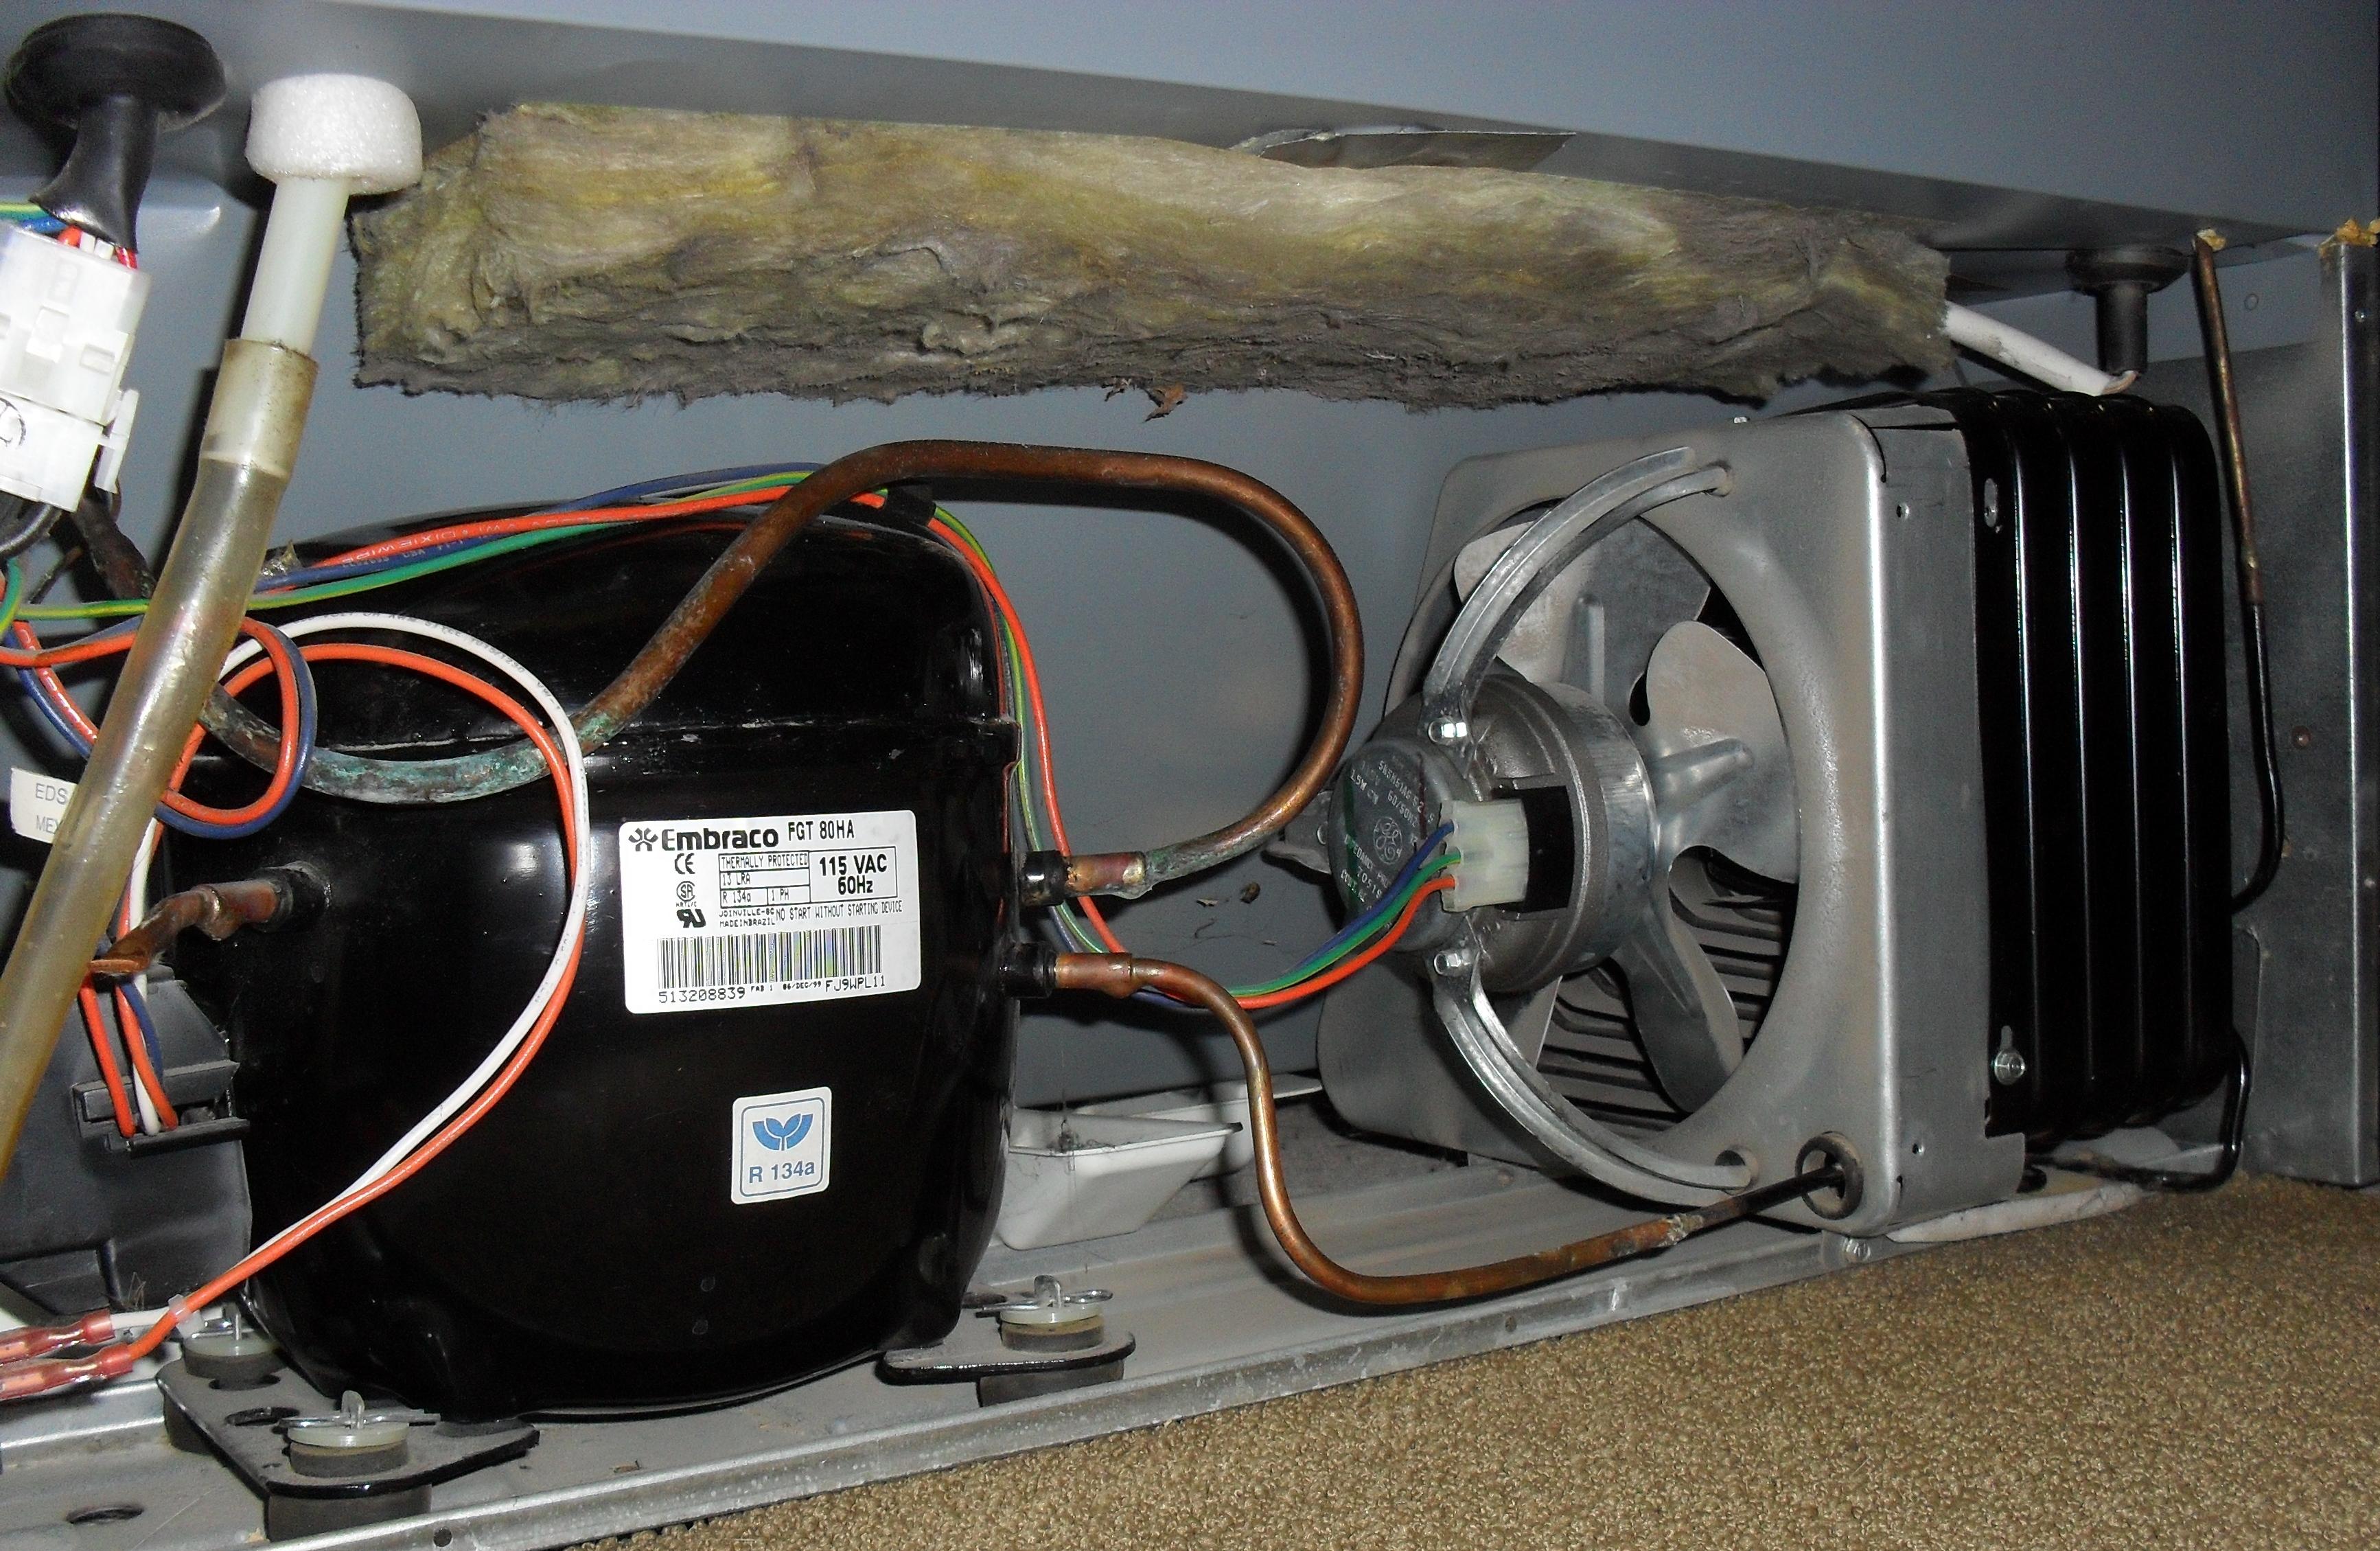 Ac Compressor Service In Dubai 0581873003 Repairs Home Wiring